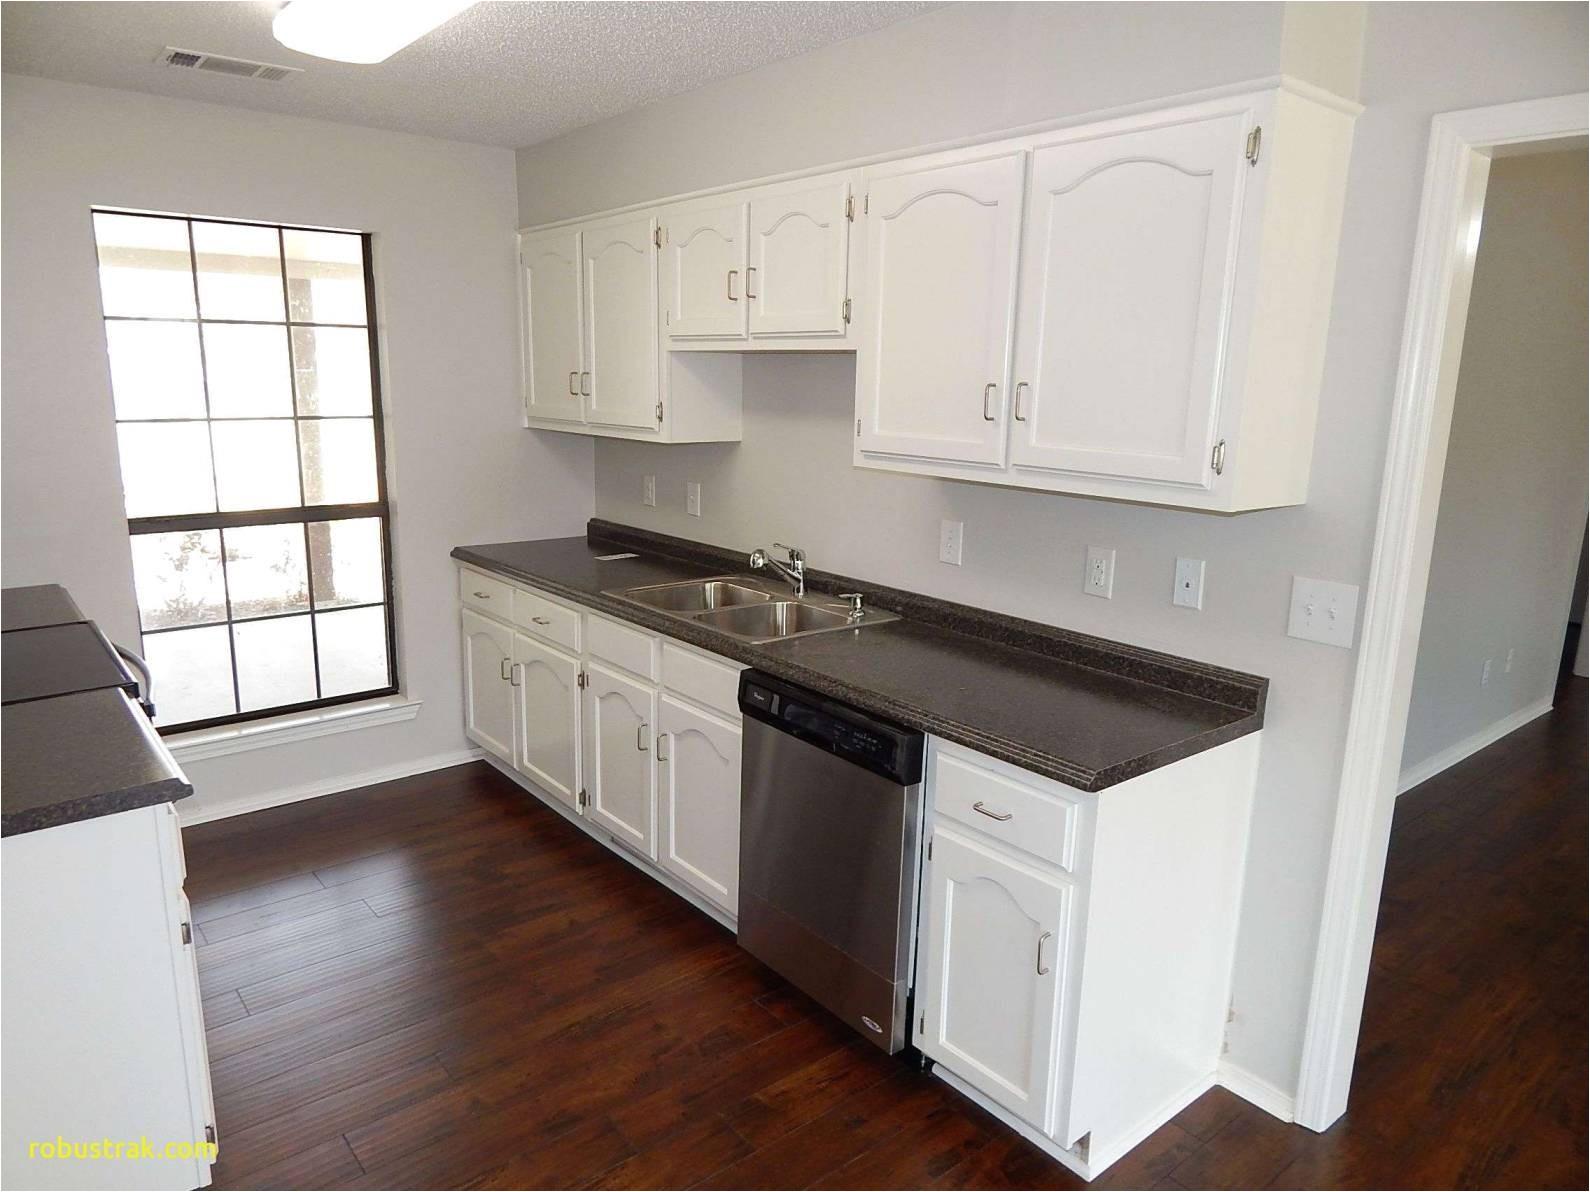 10x10 kitchen designs beautiful lovely kitchen designs white cabinets dark island